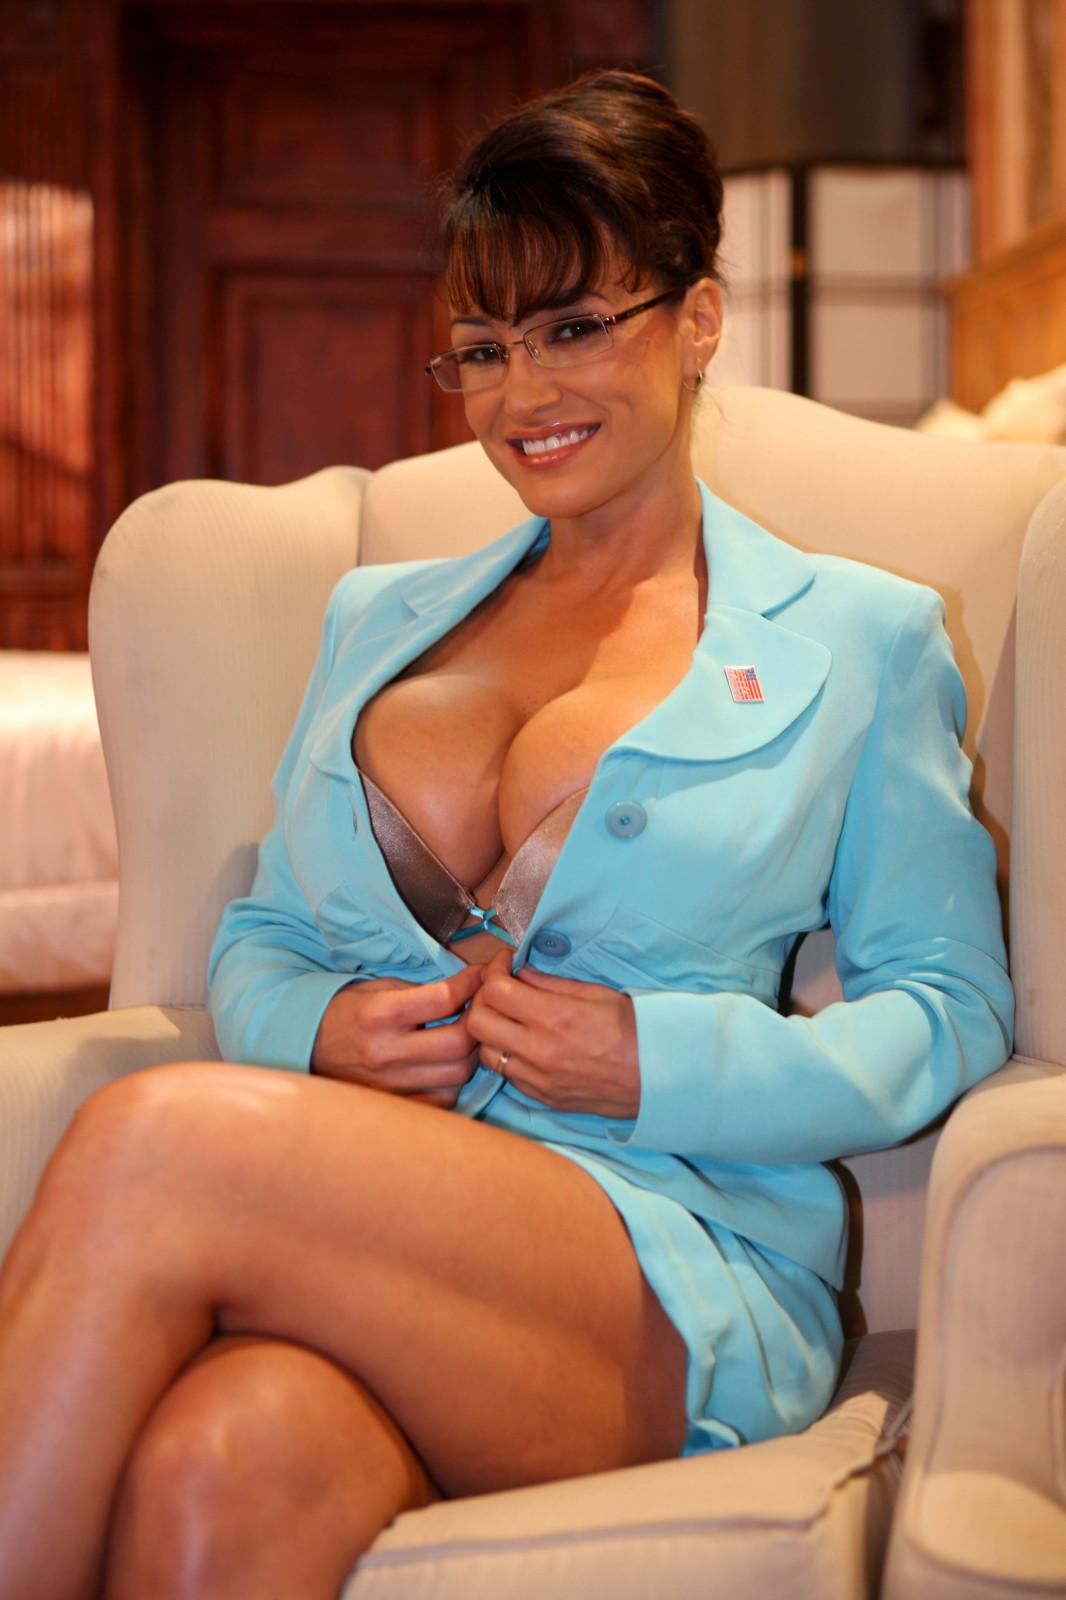 Nailin Palin